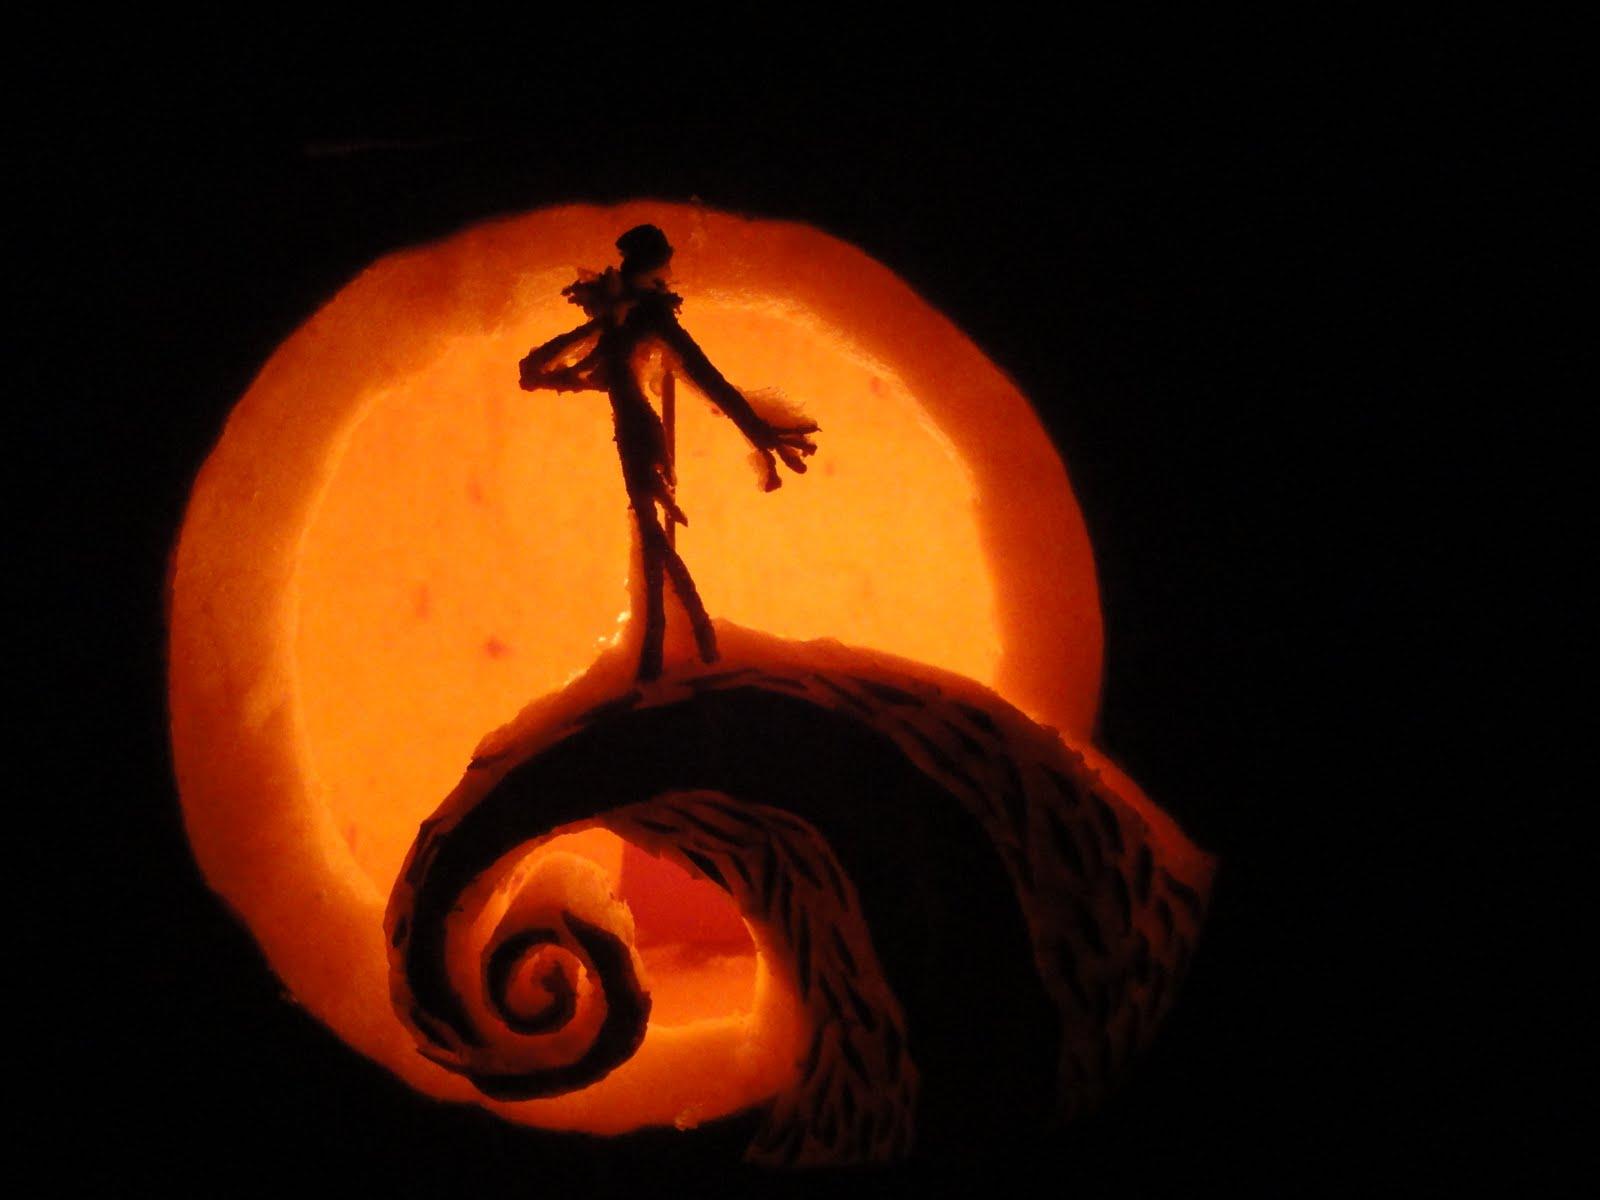 Nightmare Before Christmas Pumpkin Designs Free Hkpnvh Newyearplus2020 Info